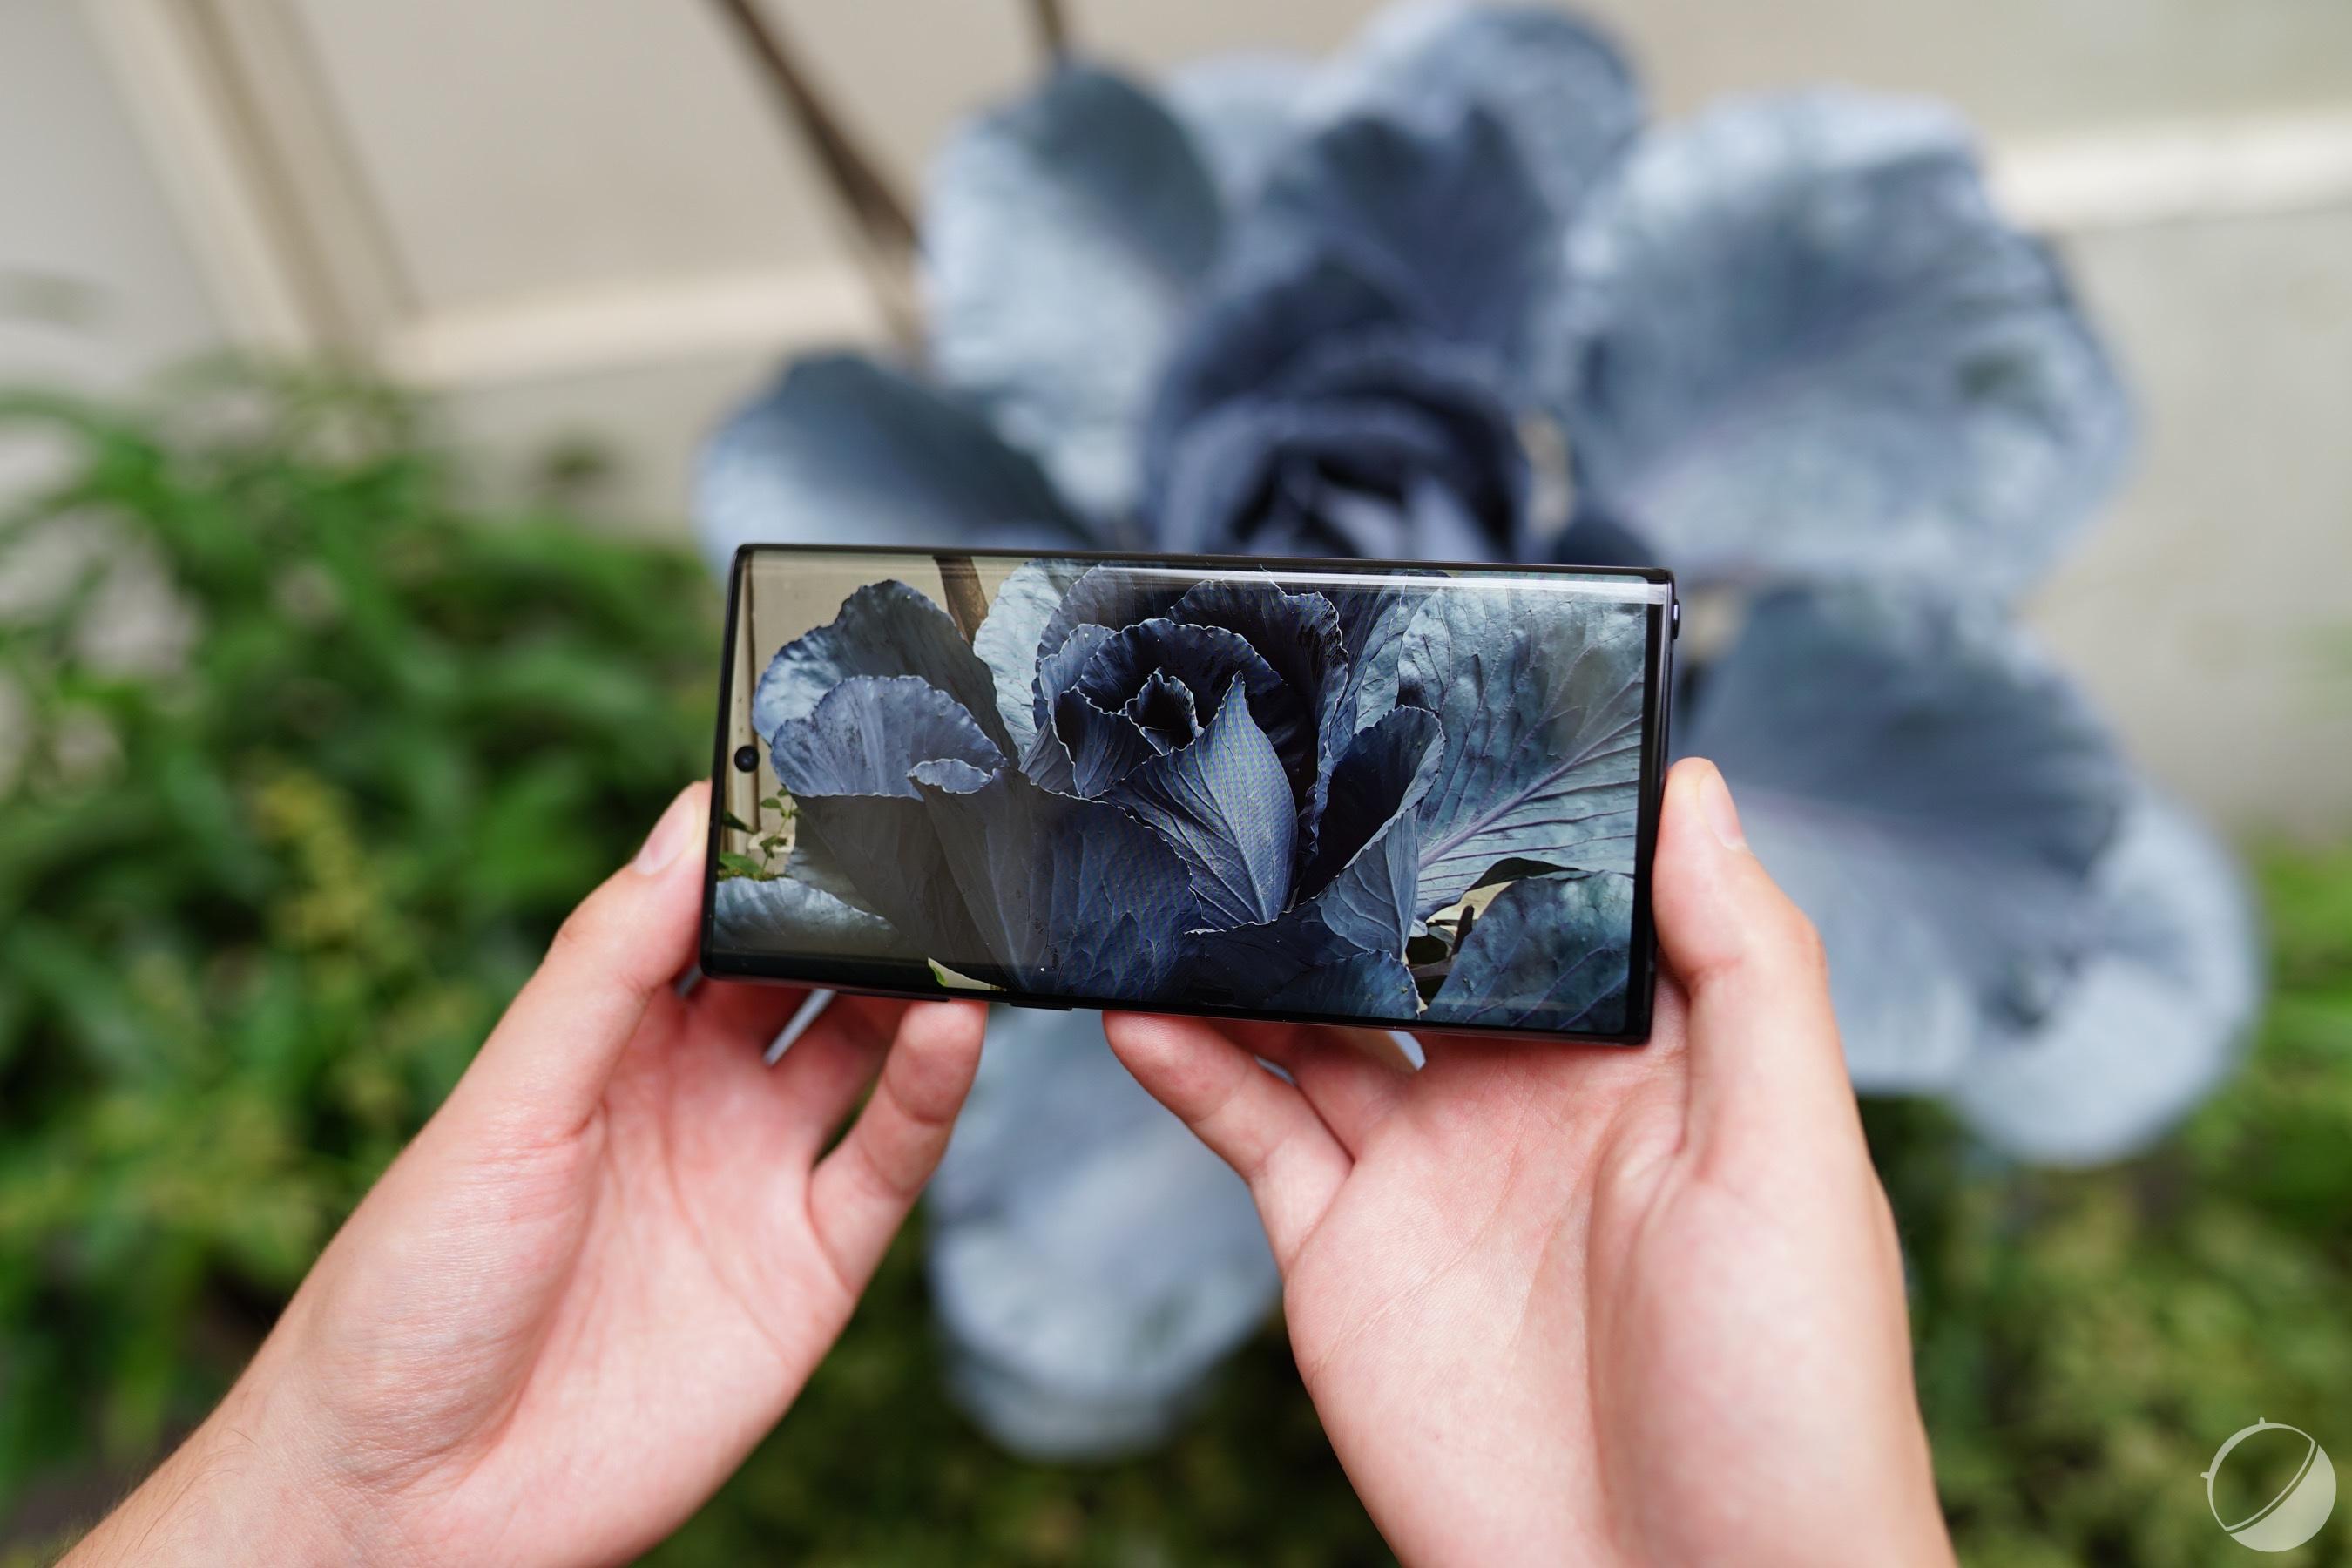 Galaxy Note 10 : Samsung confirme l'arrivée d'Android 10 en bêta